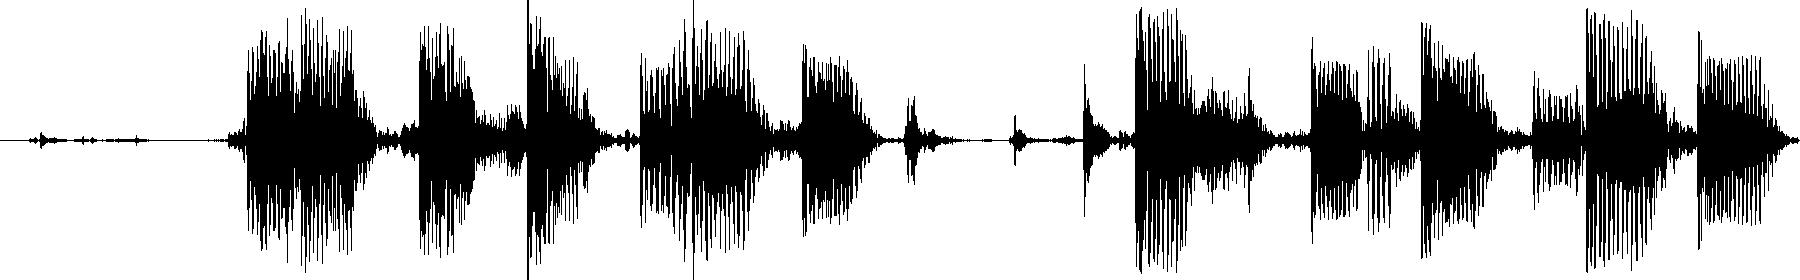 guitarfunk17 120